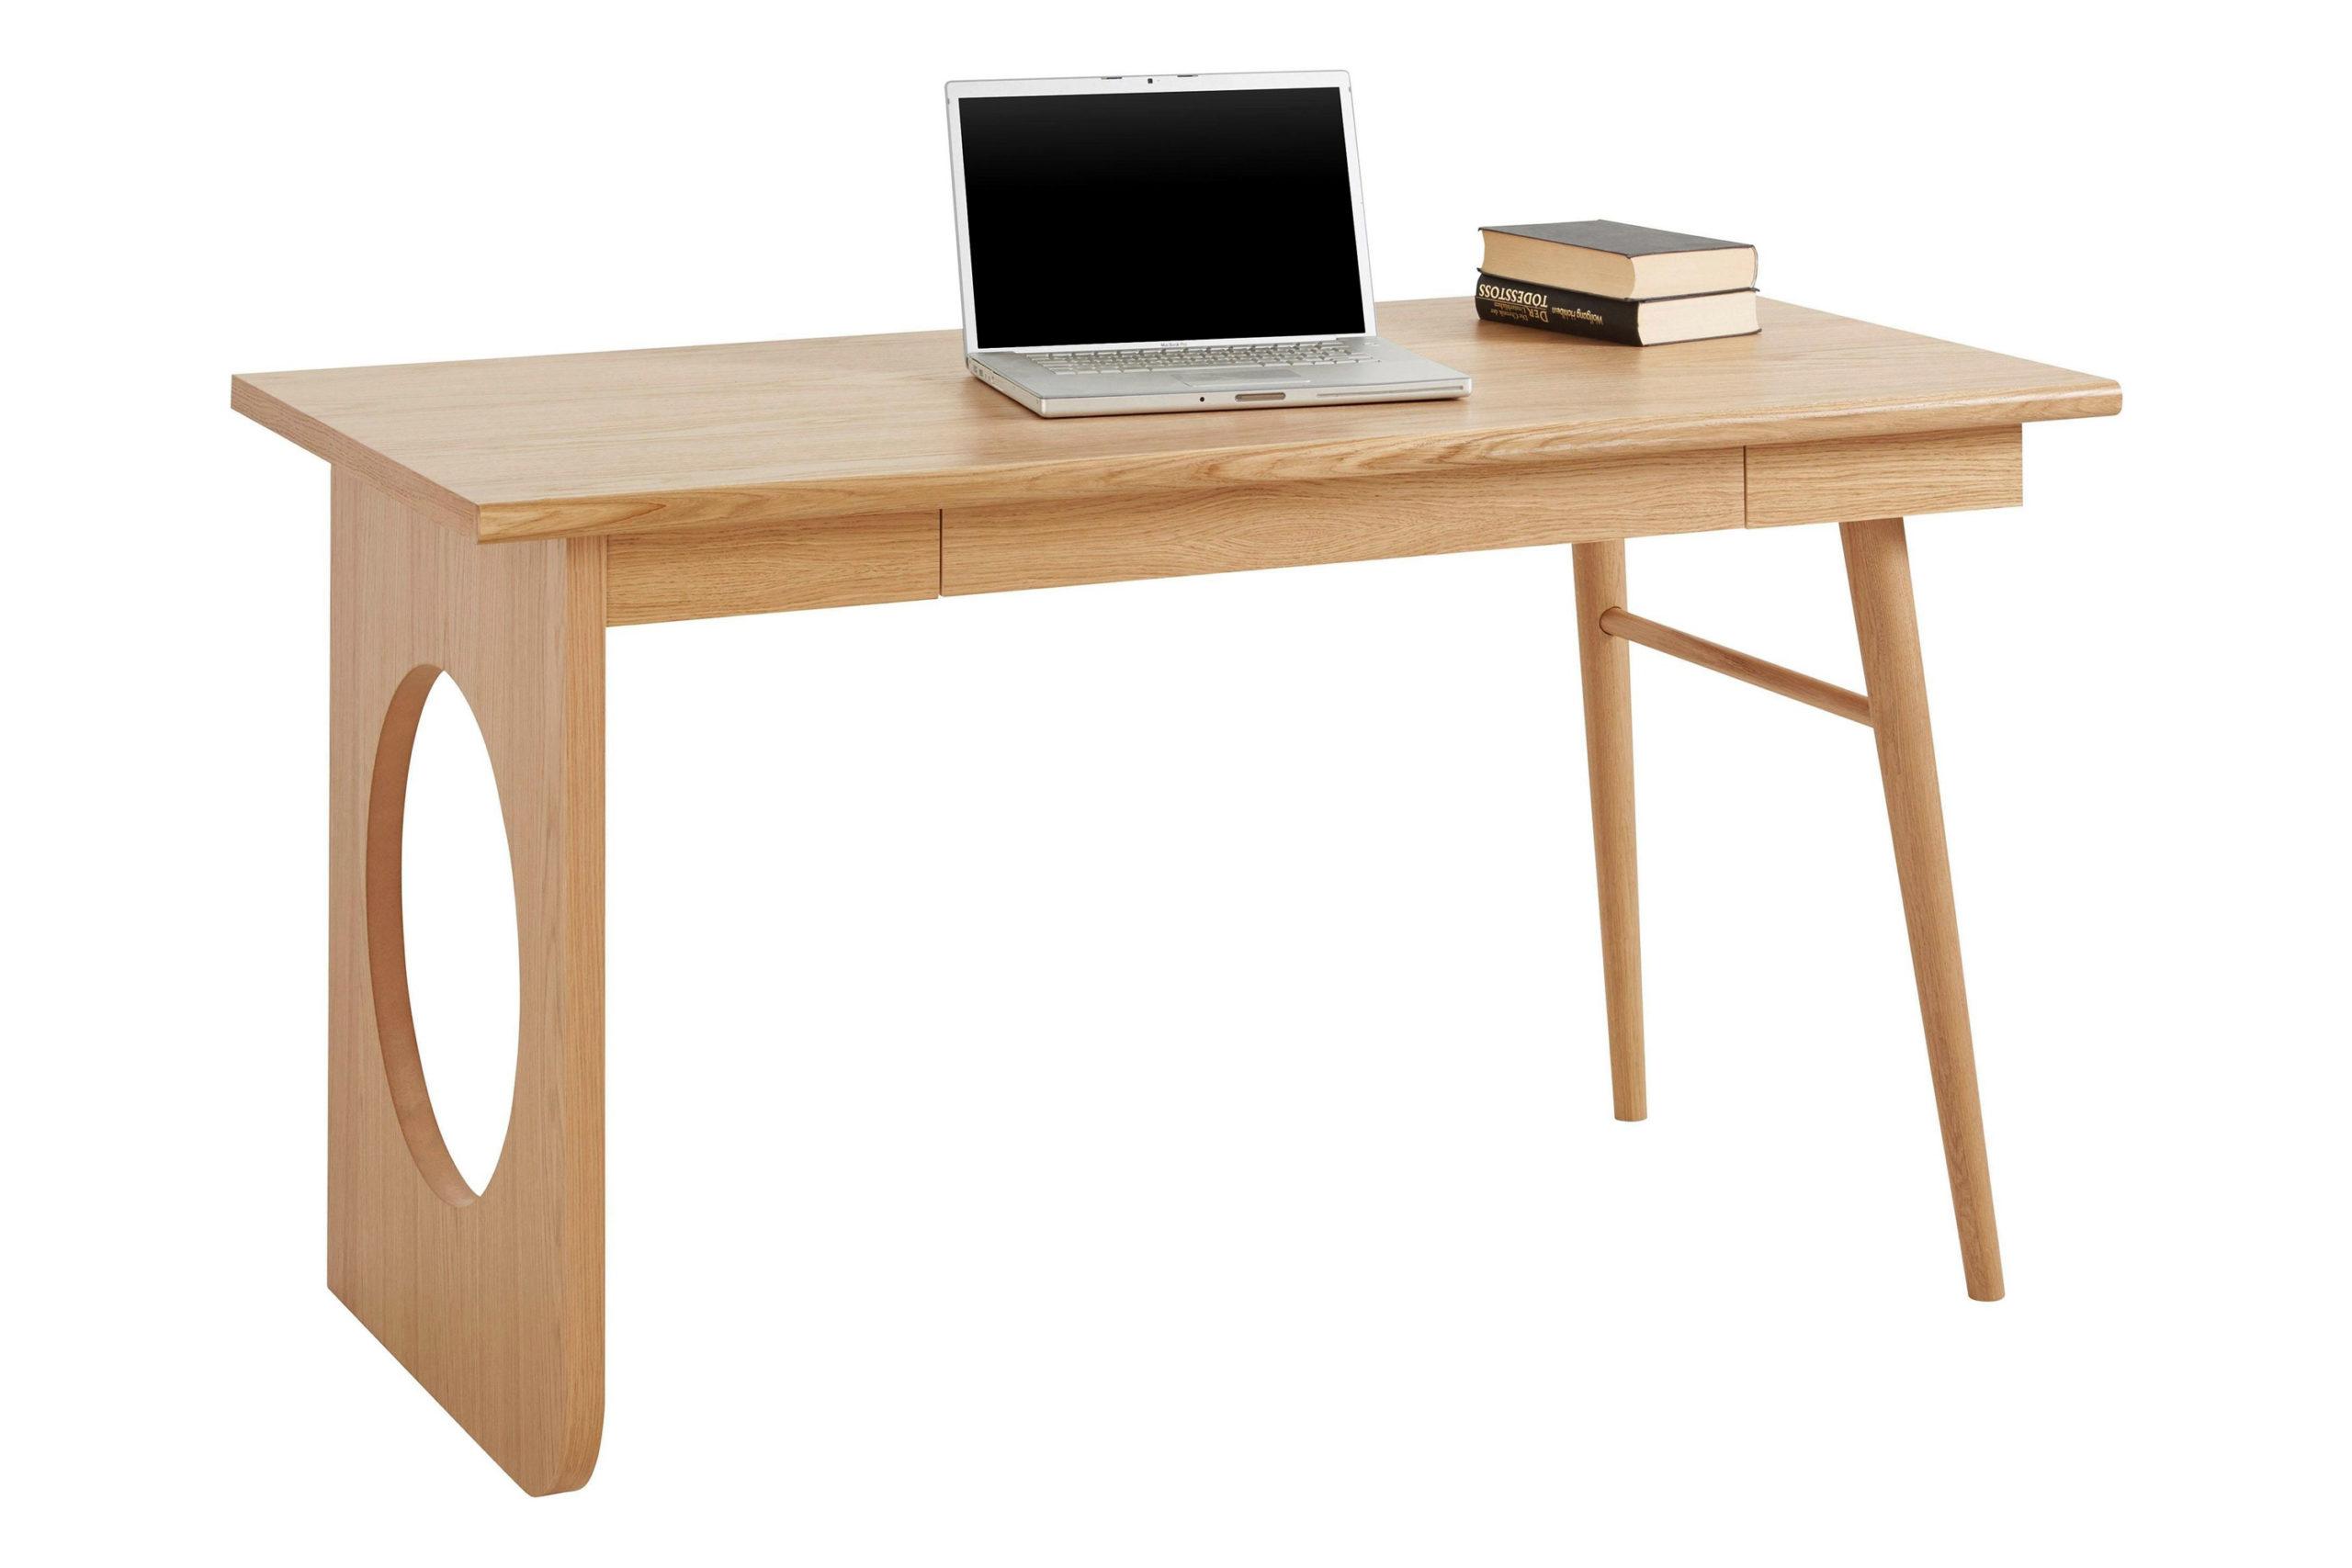 BAU_Desk (17)